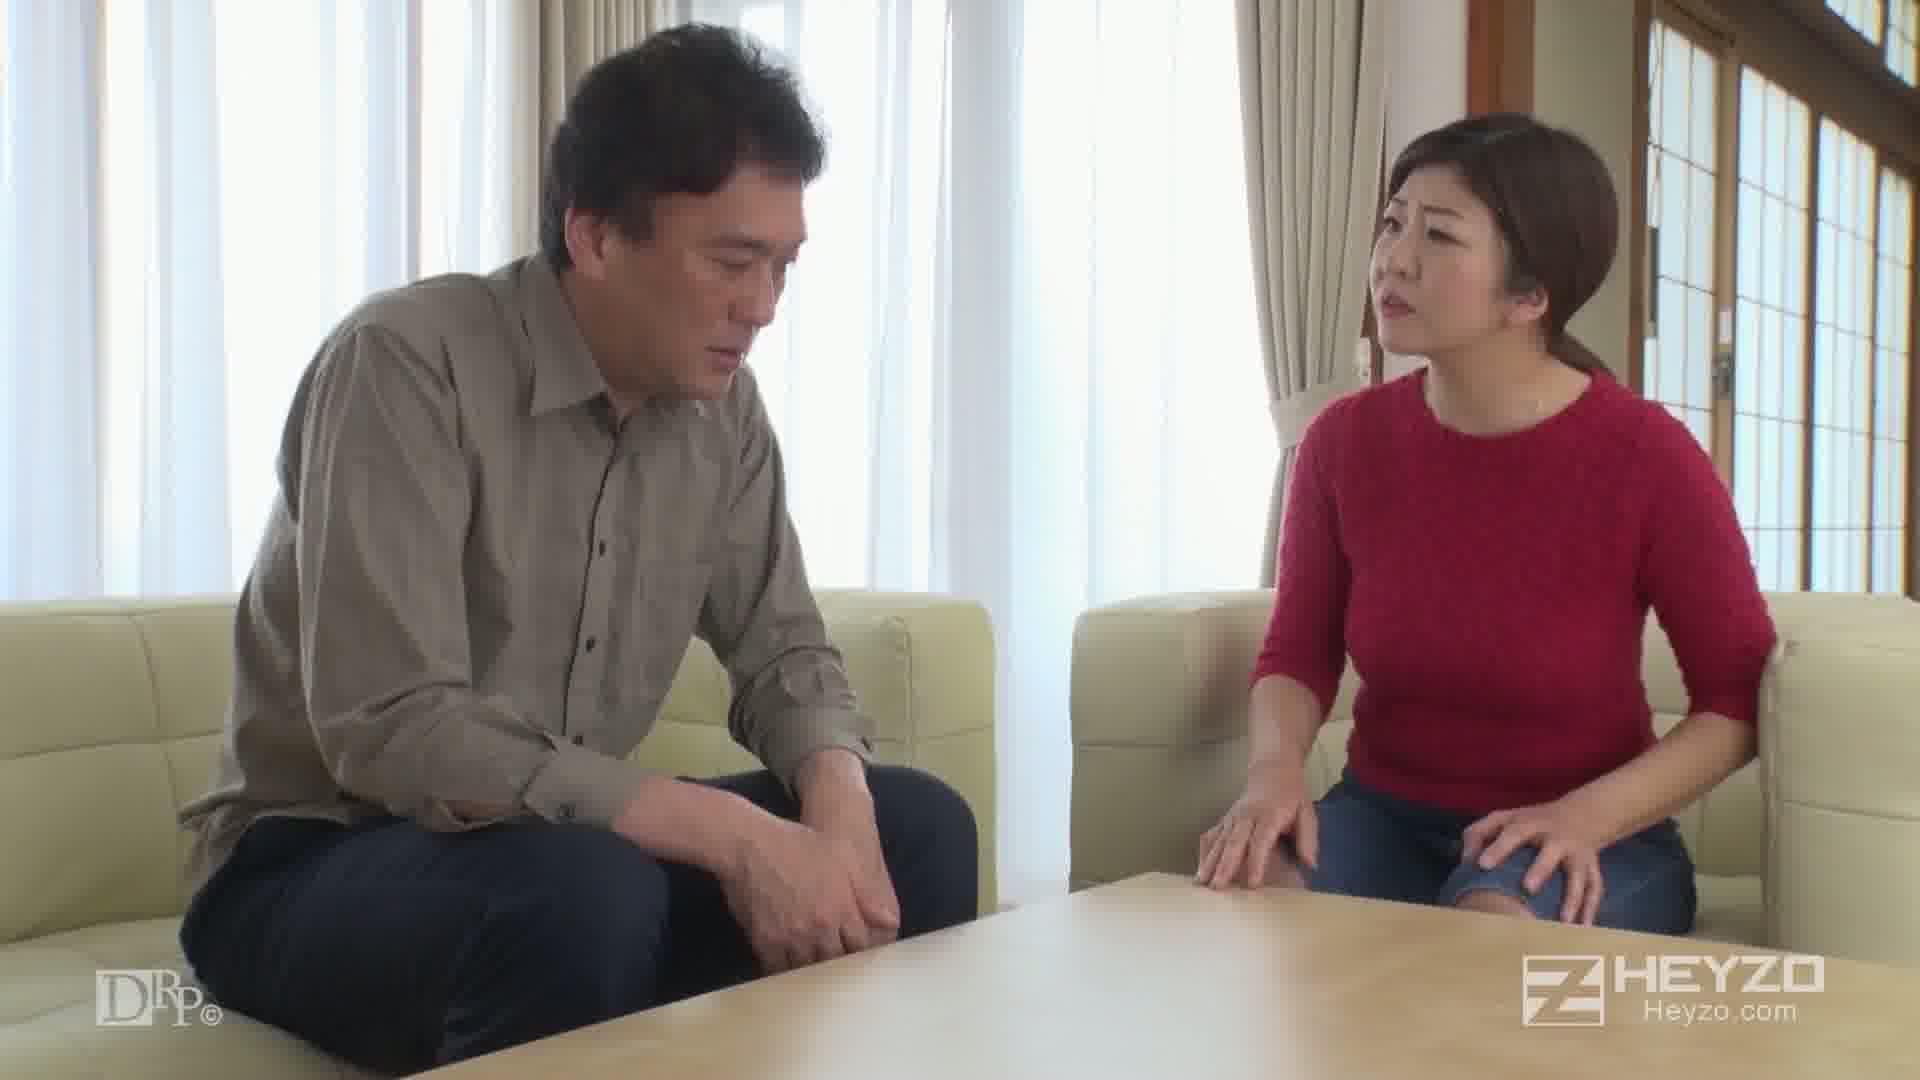 不倫の果てに~私と奥さん、どちらを選びますか?~ - 上野真奈美【浮気 会社の同僚 公開オナニー 黒い下着】